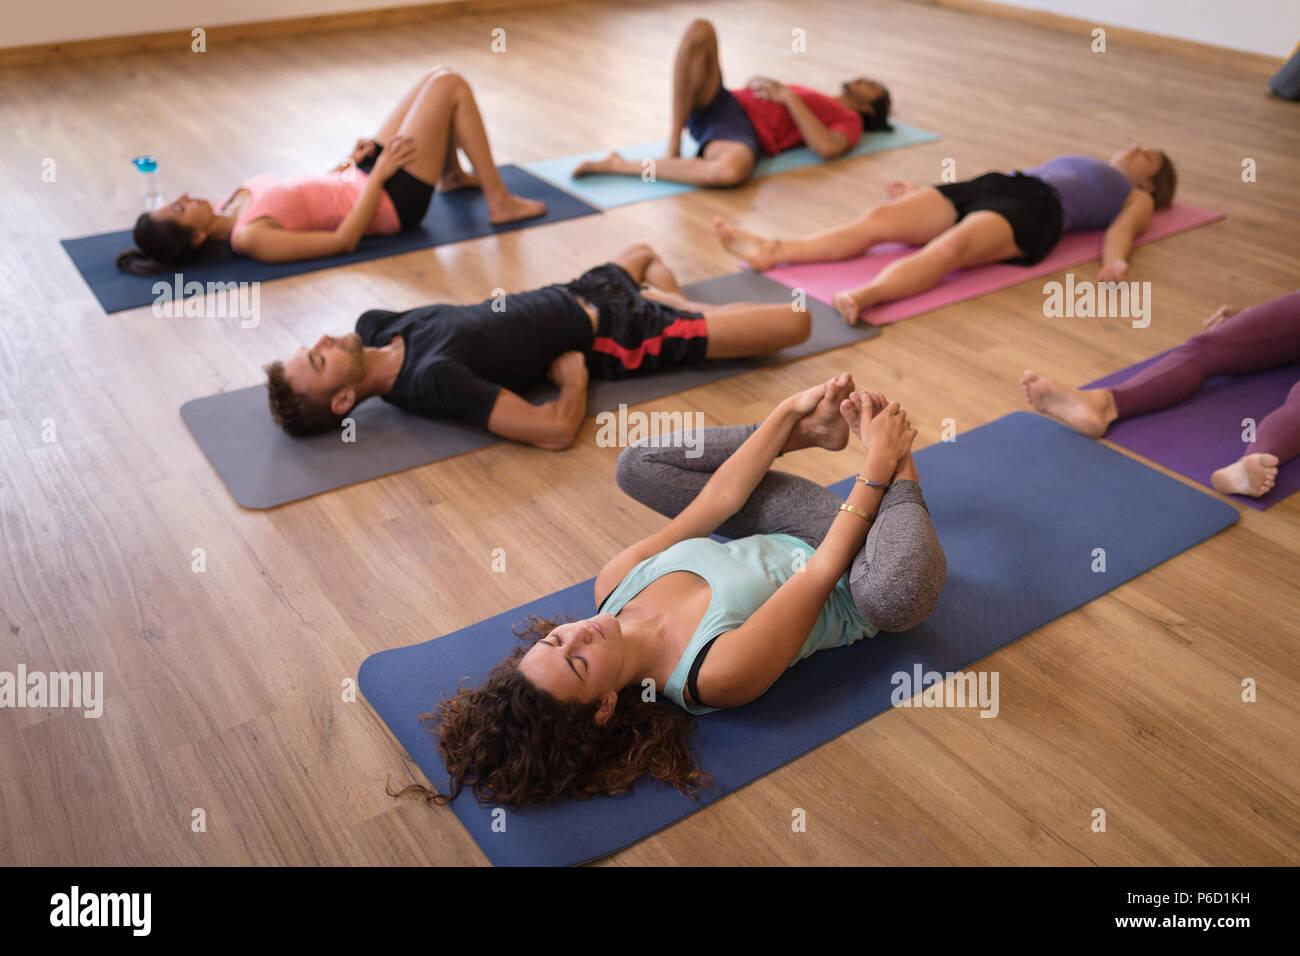 Groupe de personnes effectuant dans l'exercice de yoga fitness club Banque D'Images